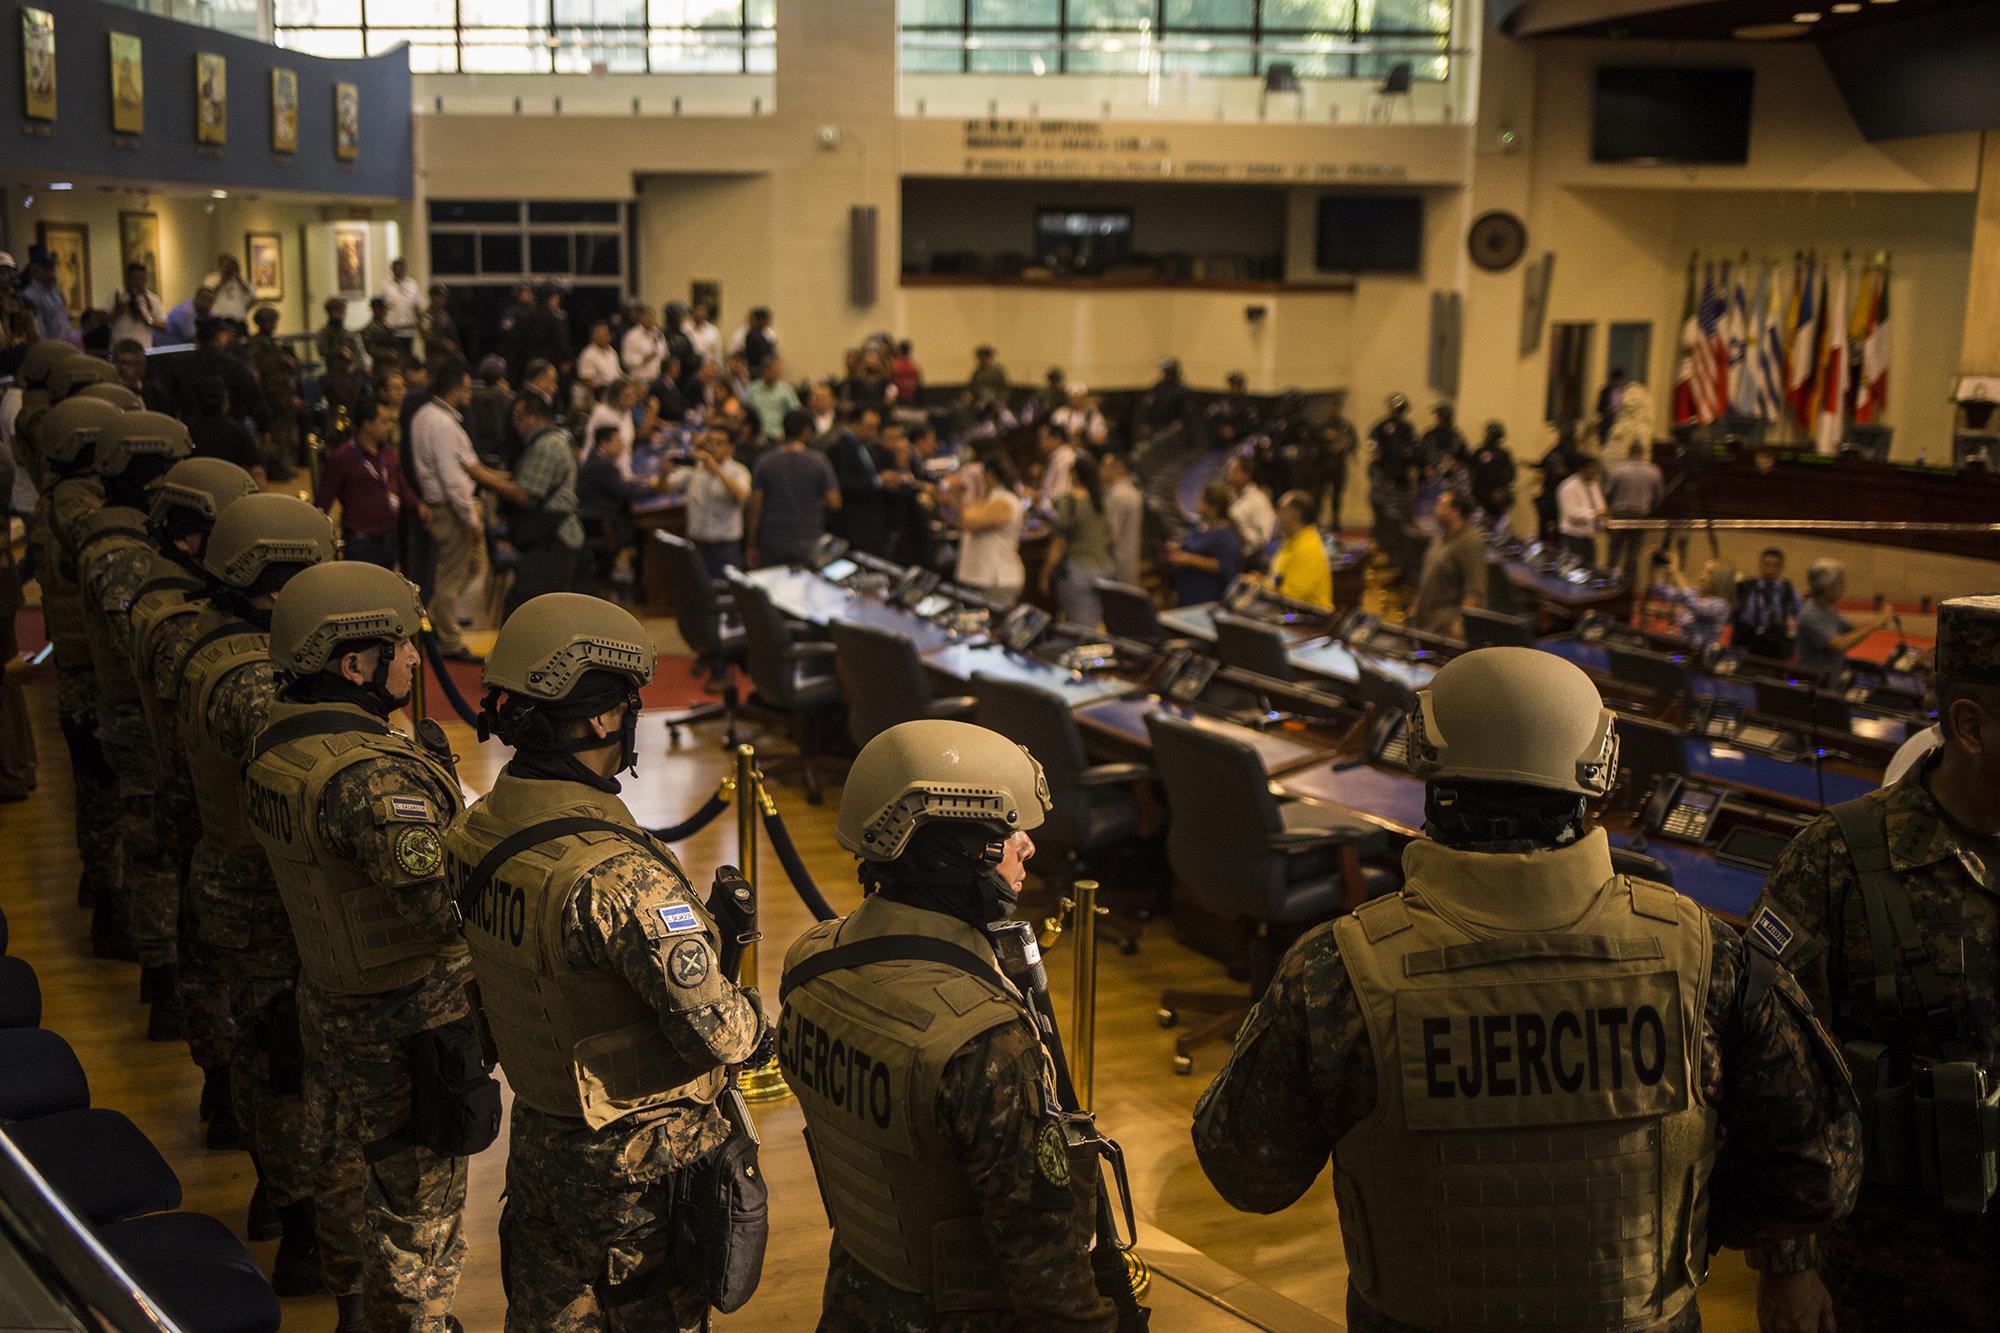 El domingo 9 por la tarde, por órdenes del presidente Bukele, un grupo de soldados y policías fuertemente armados se tomó el Salón Azul de la Asamblea Legislativa. El hecho no solo no tiene precendente en la historia democrática de El Salvador, tampoco se había registrado en los tiempos del conflicto armado o en dictaduras. Foto de El Faro: Víctor Peña.